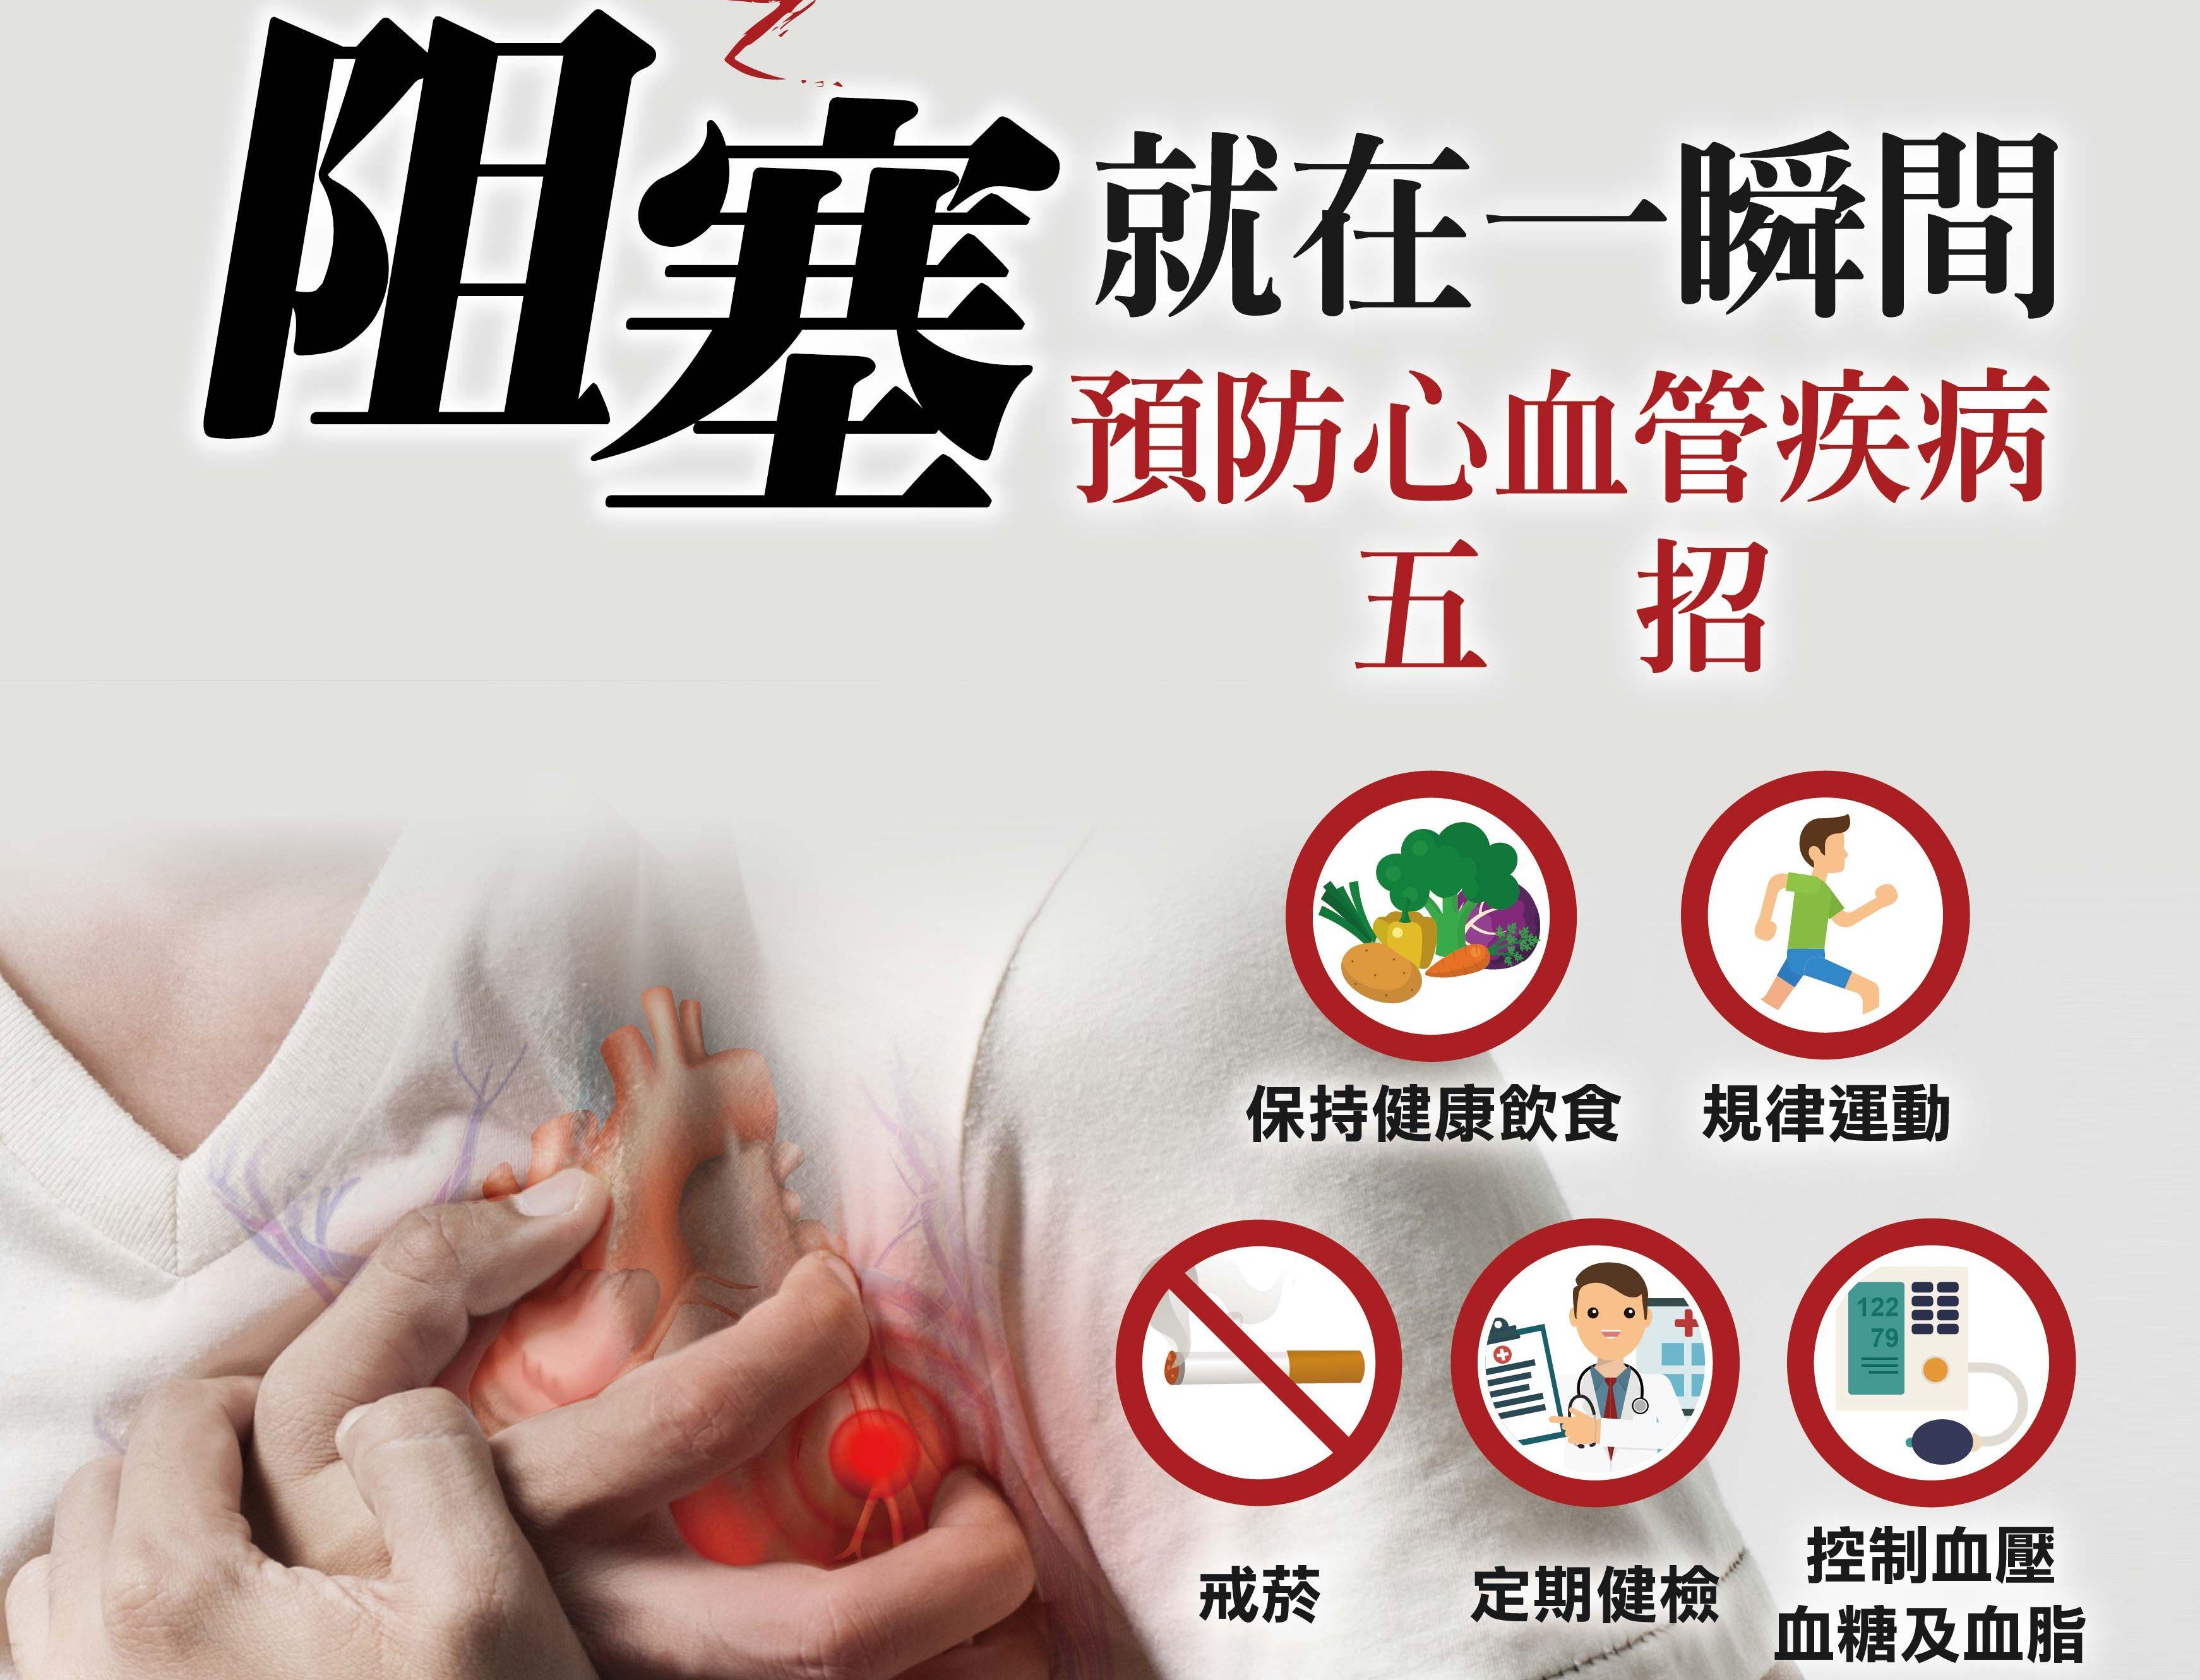 預防心血管疾病女兒提醒篇-客語版